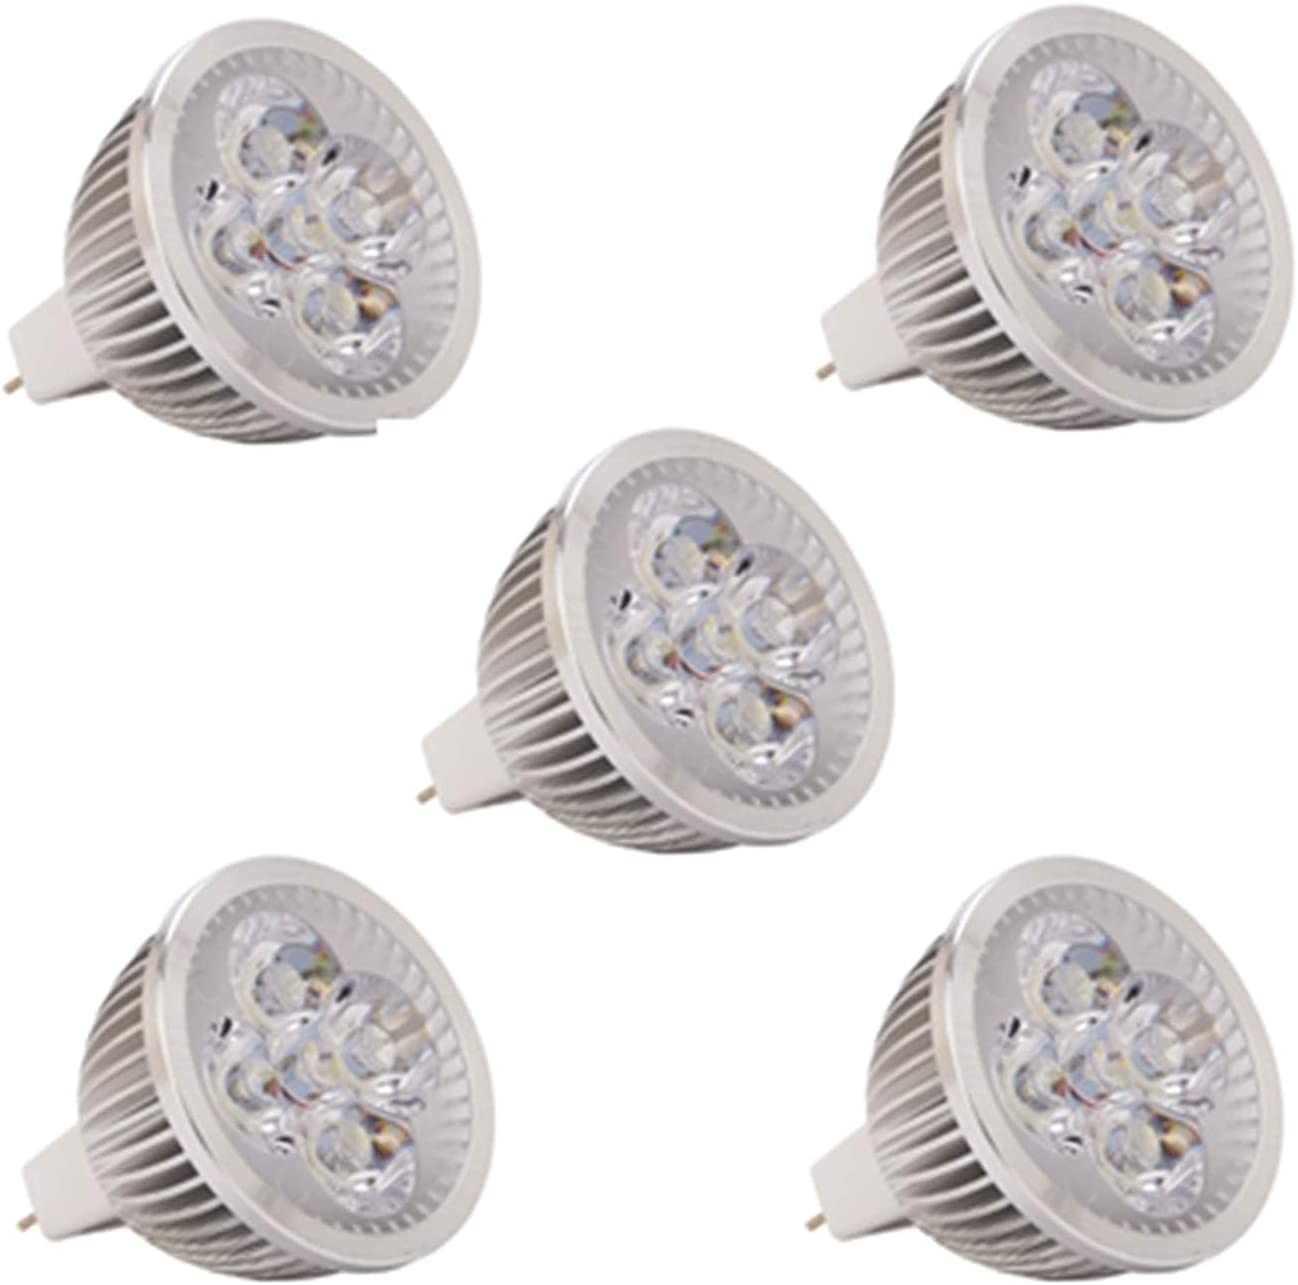 YQGOO Bombillas LED MR16, AC/DC 24V 36V 4W, 350-400lm, 60 & deg;Ángulo de Haz, Equivalente a halógeno de 30 W [Clase energética A +] 5 Piezas (Color: Blanco cálido, Edición: 24 V CA/CC)